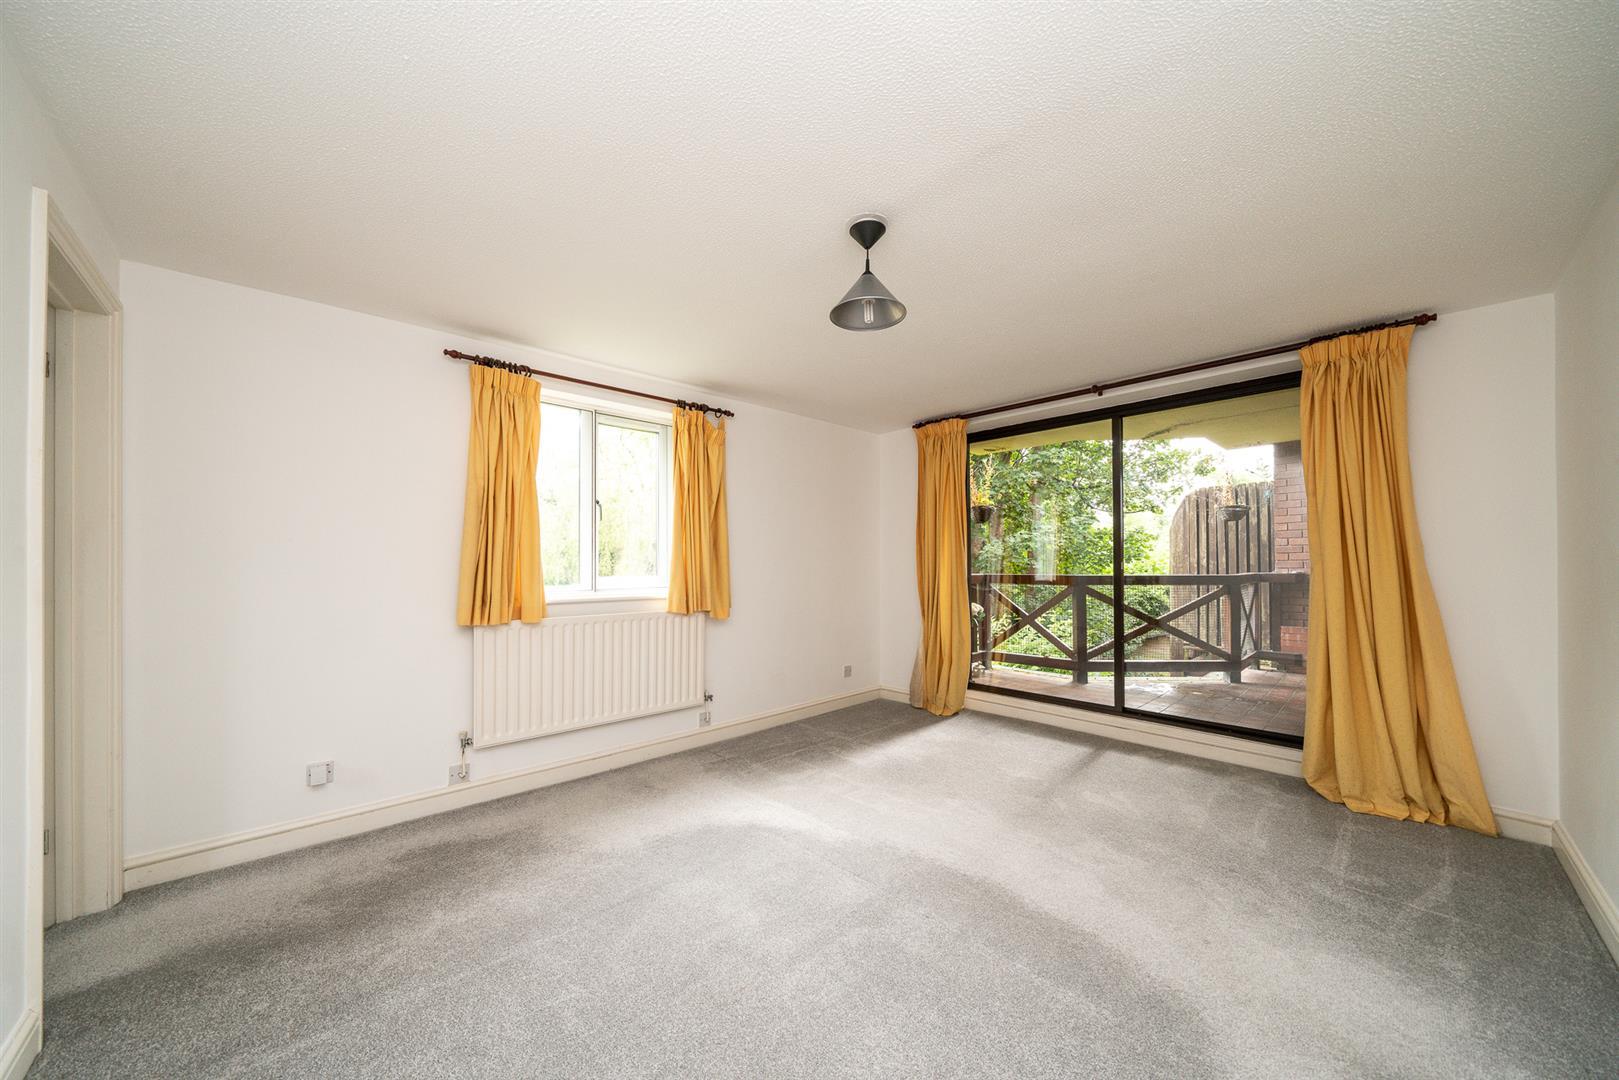 9-Brook-Lane-1006 - living room.jpg